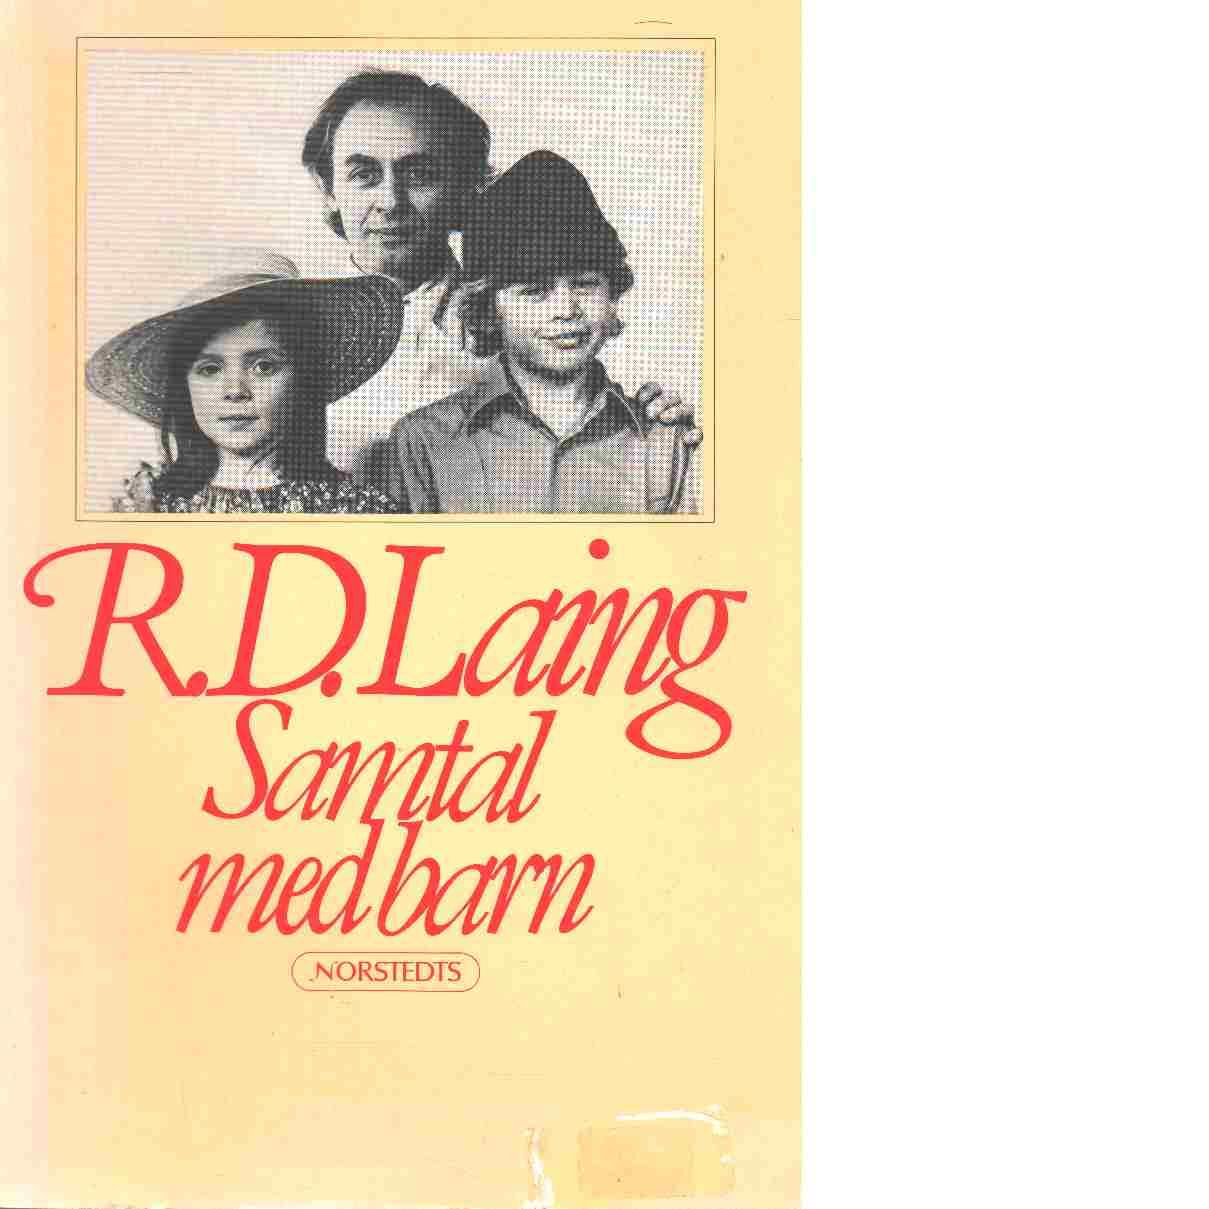 Samtal med barn - Laing, R. D.